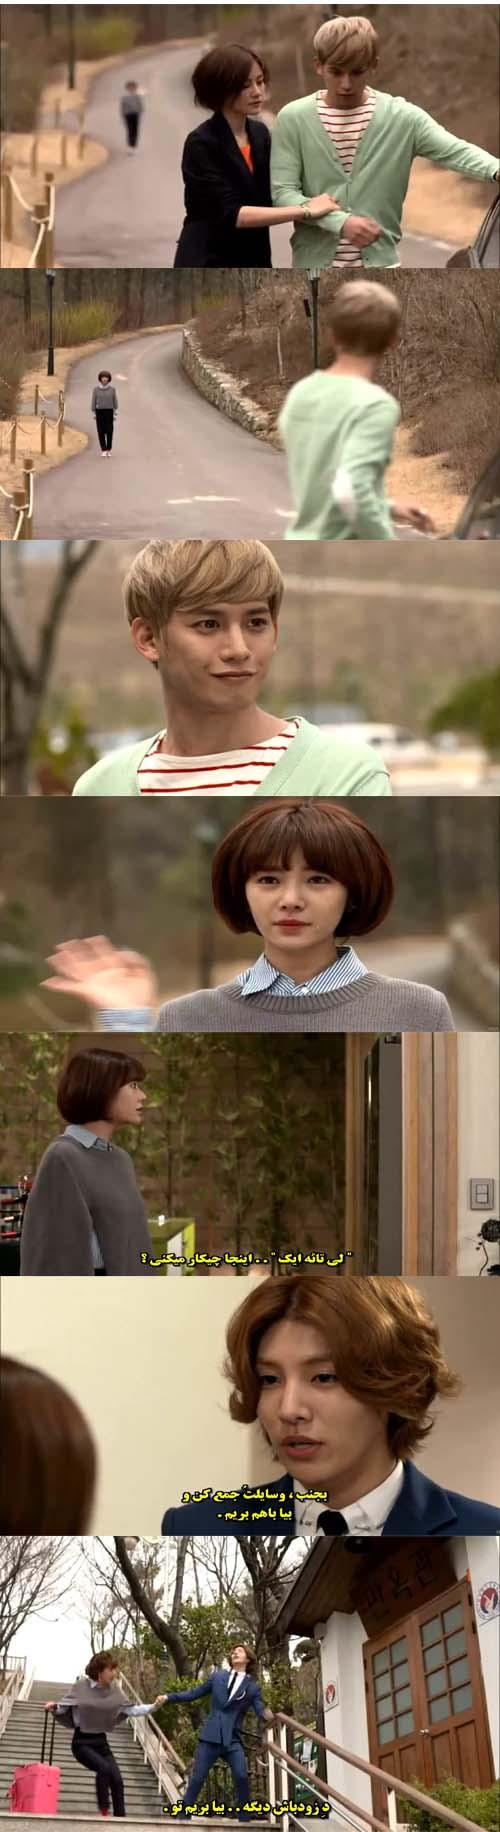 دانلود سریال های کره ای جدیدترین سریال های کره ای http www